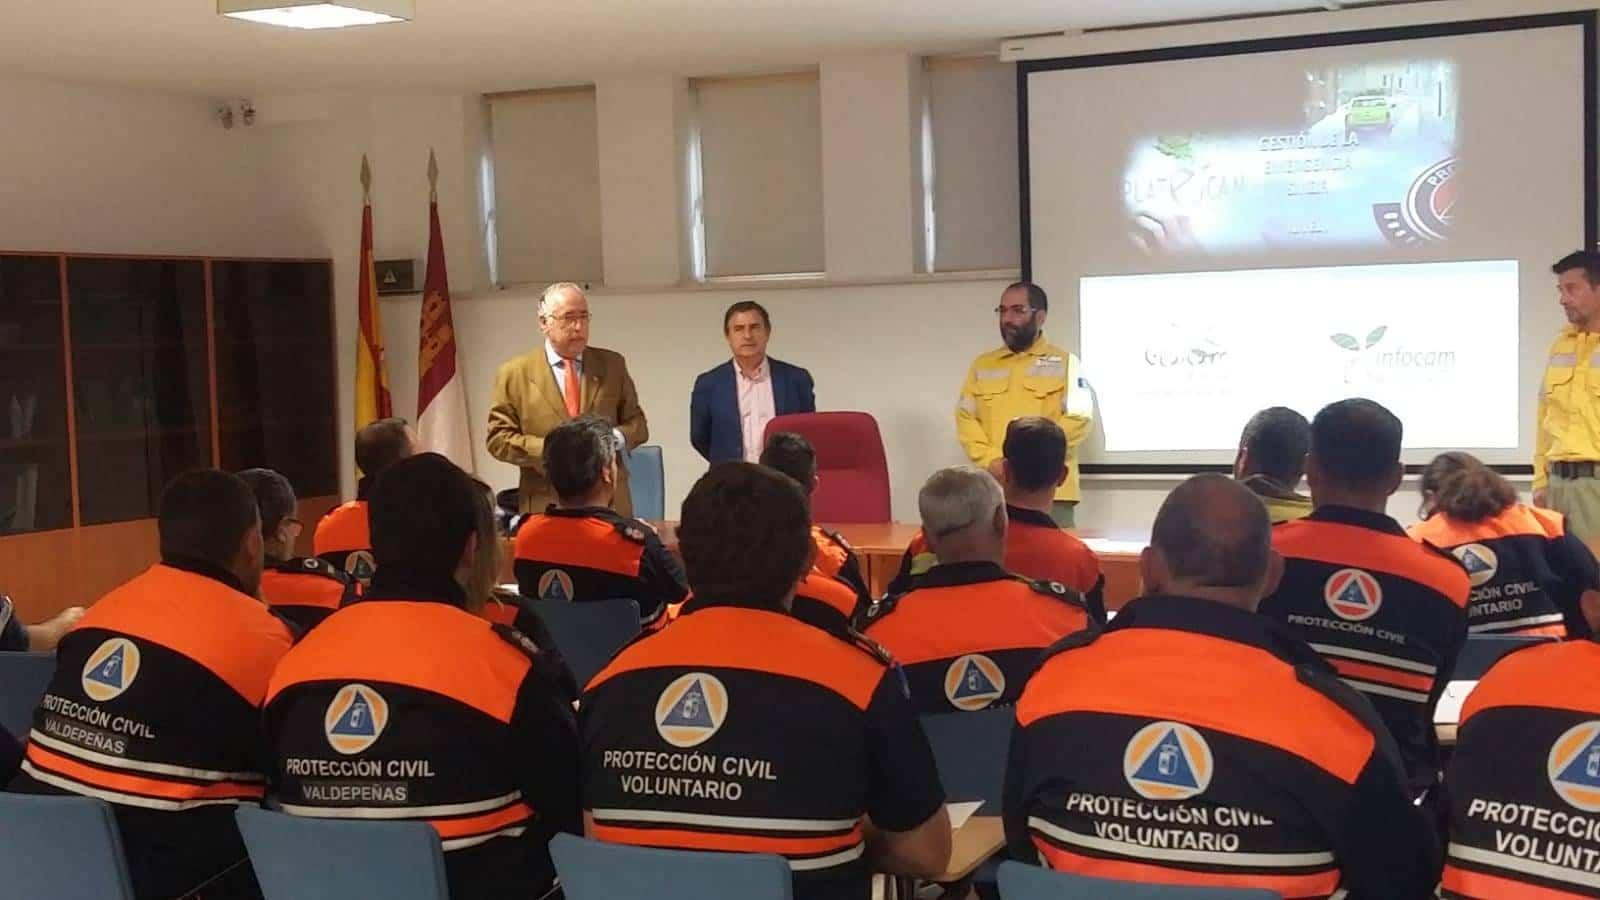 proteccion civil mejoran tecnicas contra incendios - Protección Civil de Herencia mejoran técnicas y procedimientos contra incendios